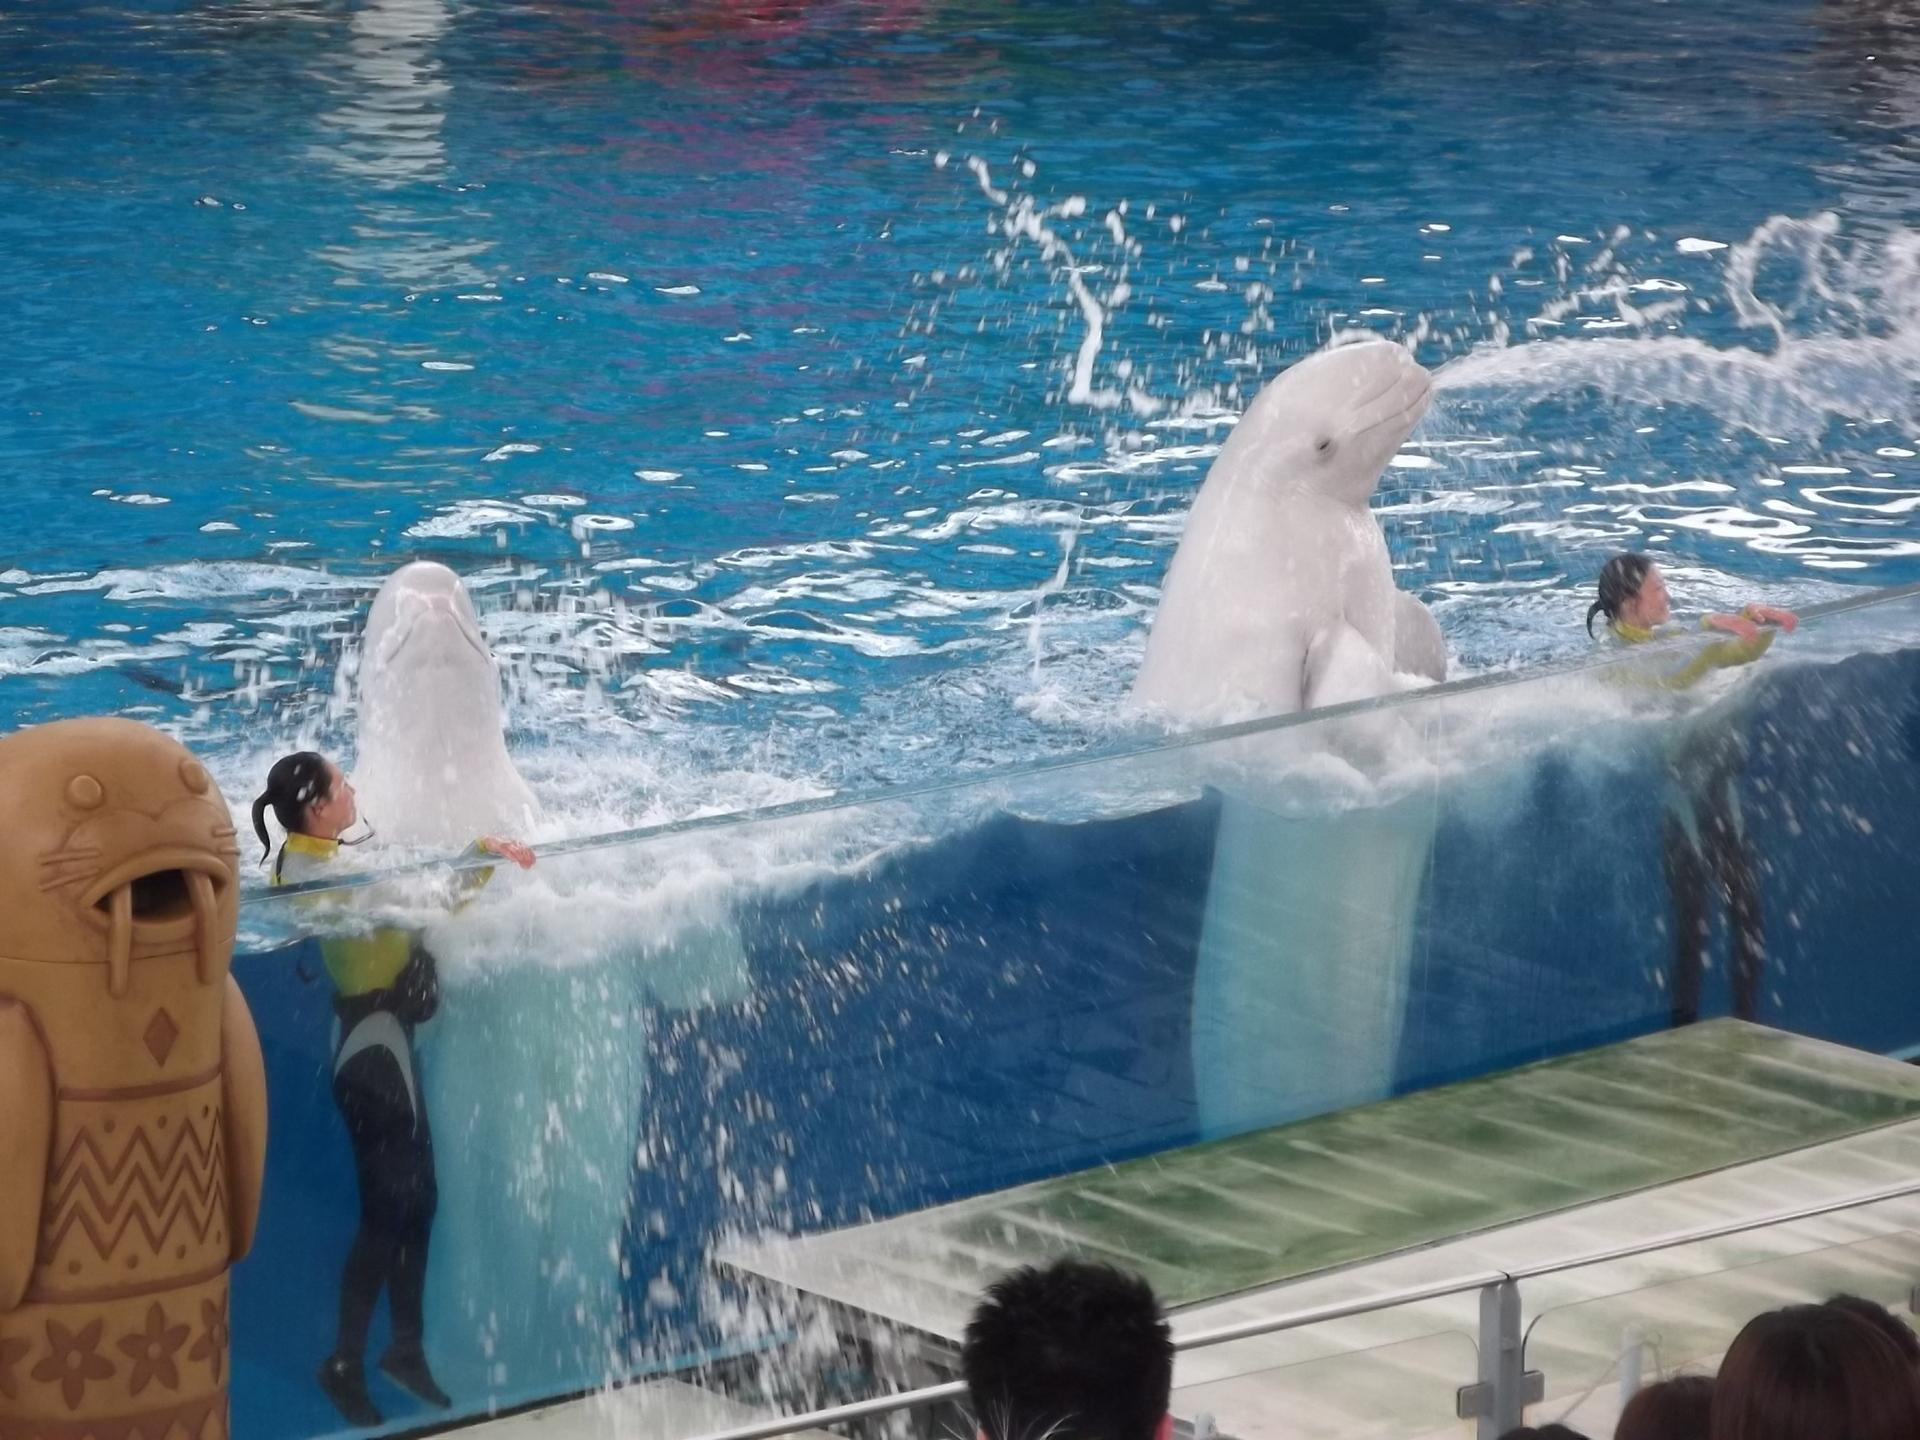 【八景島シーパラダイス】 水族館と遊園地の複合施設。関東で唯一ジンベエザメが見られる